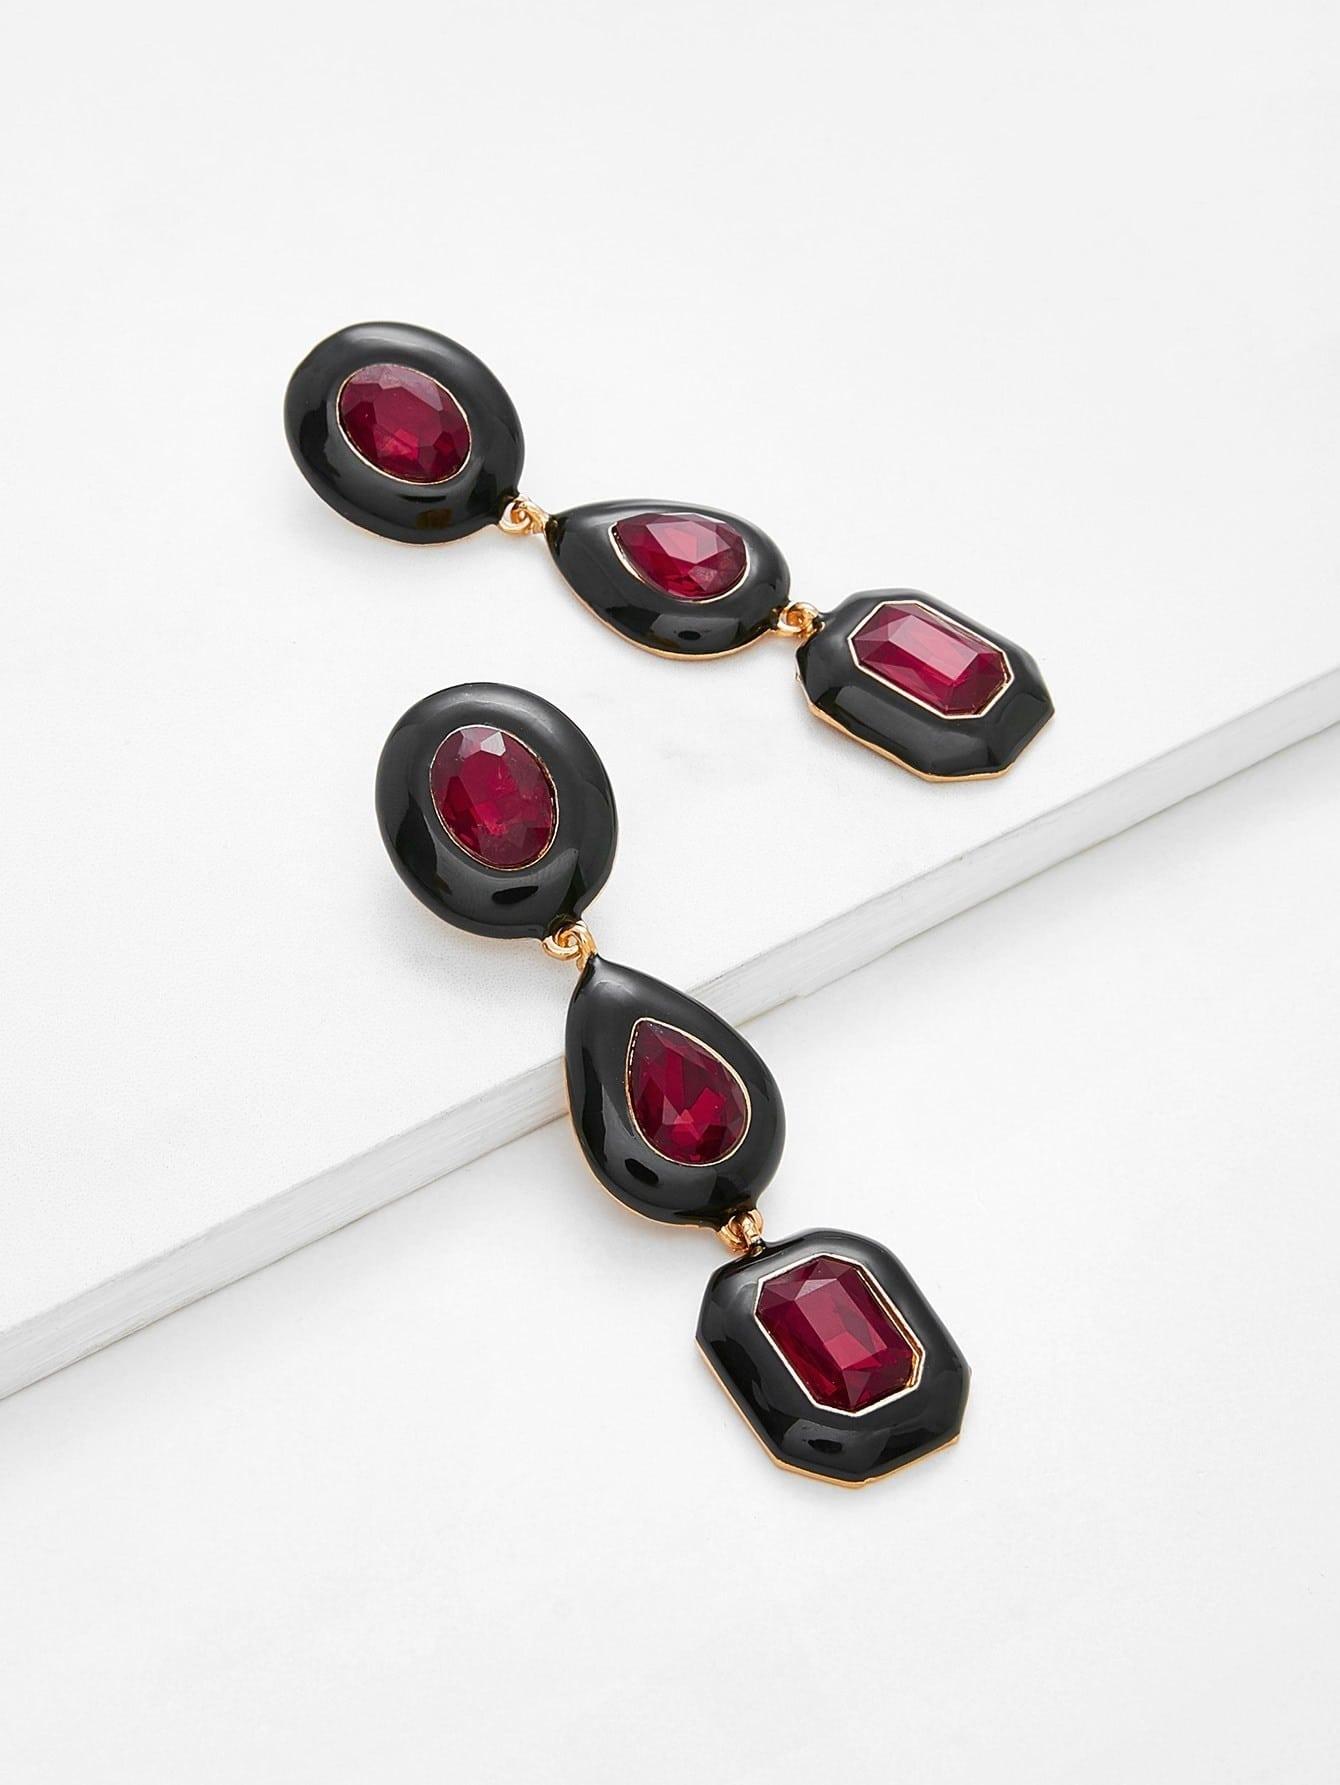 Contrast Rhinestone Design Drop Earrings contrast rhinestone drop earrings